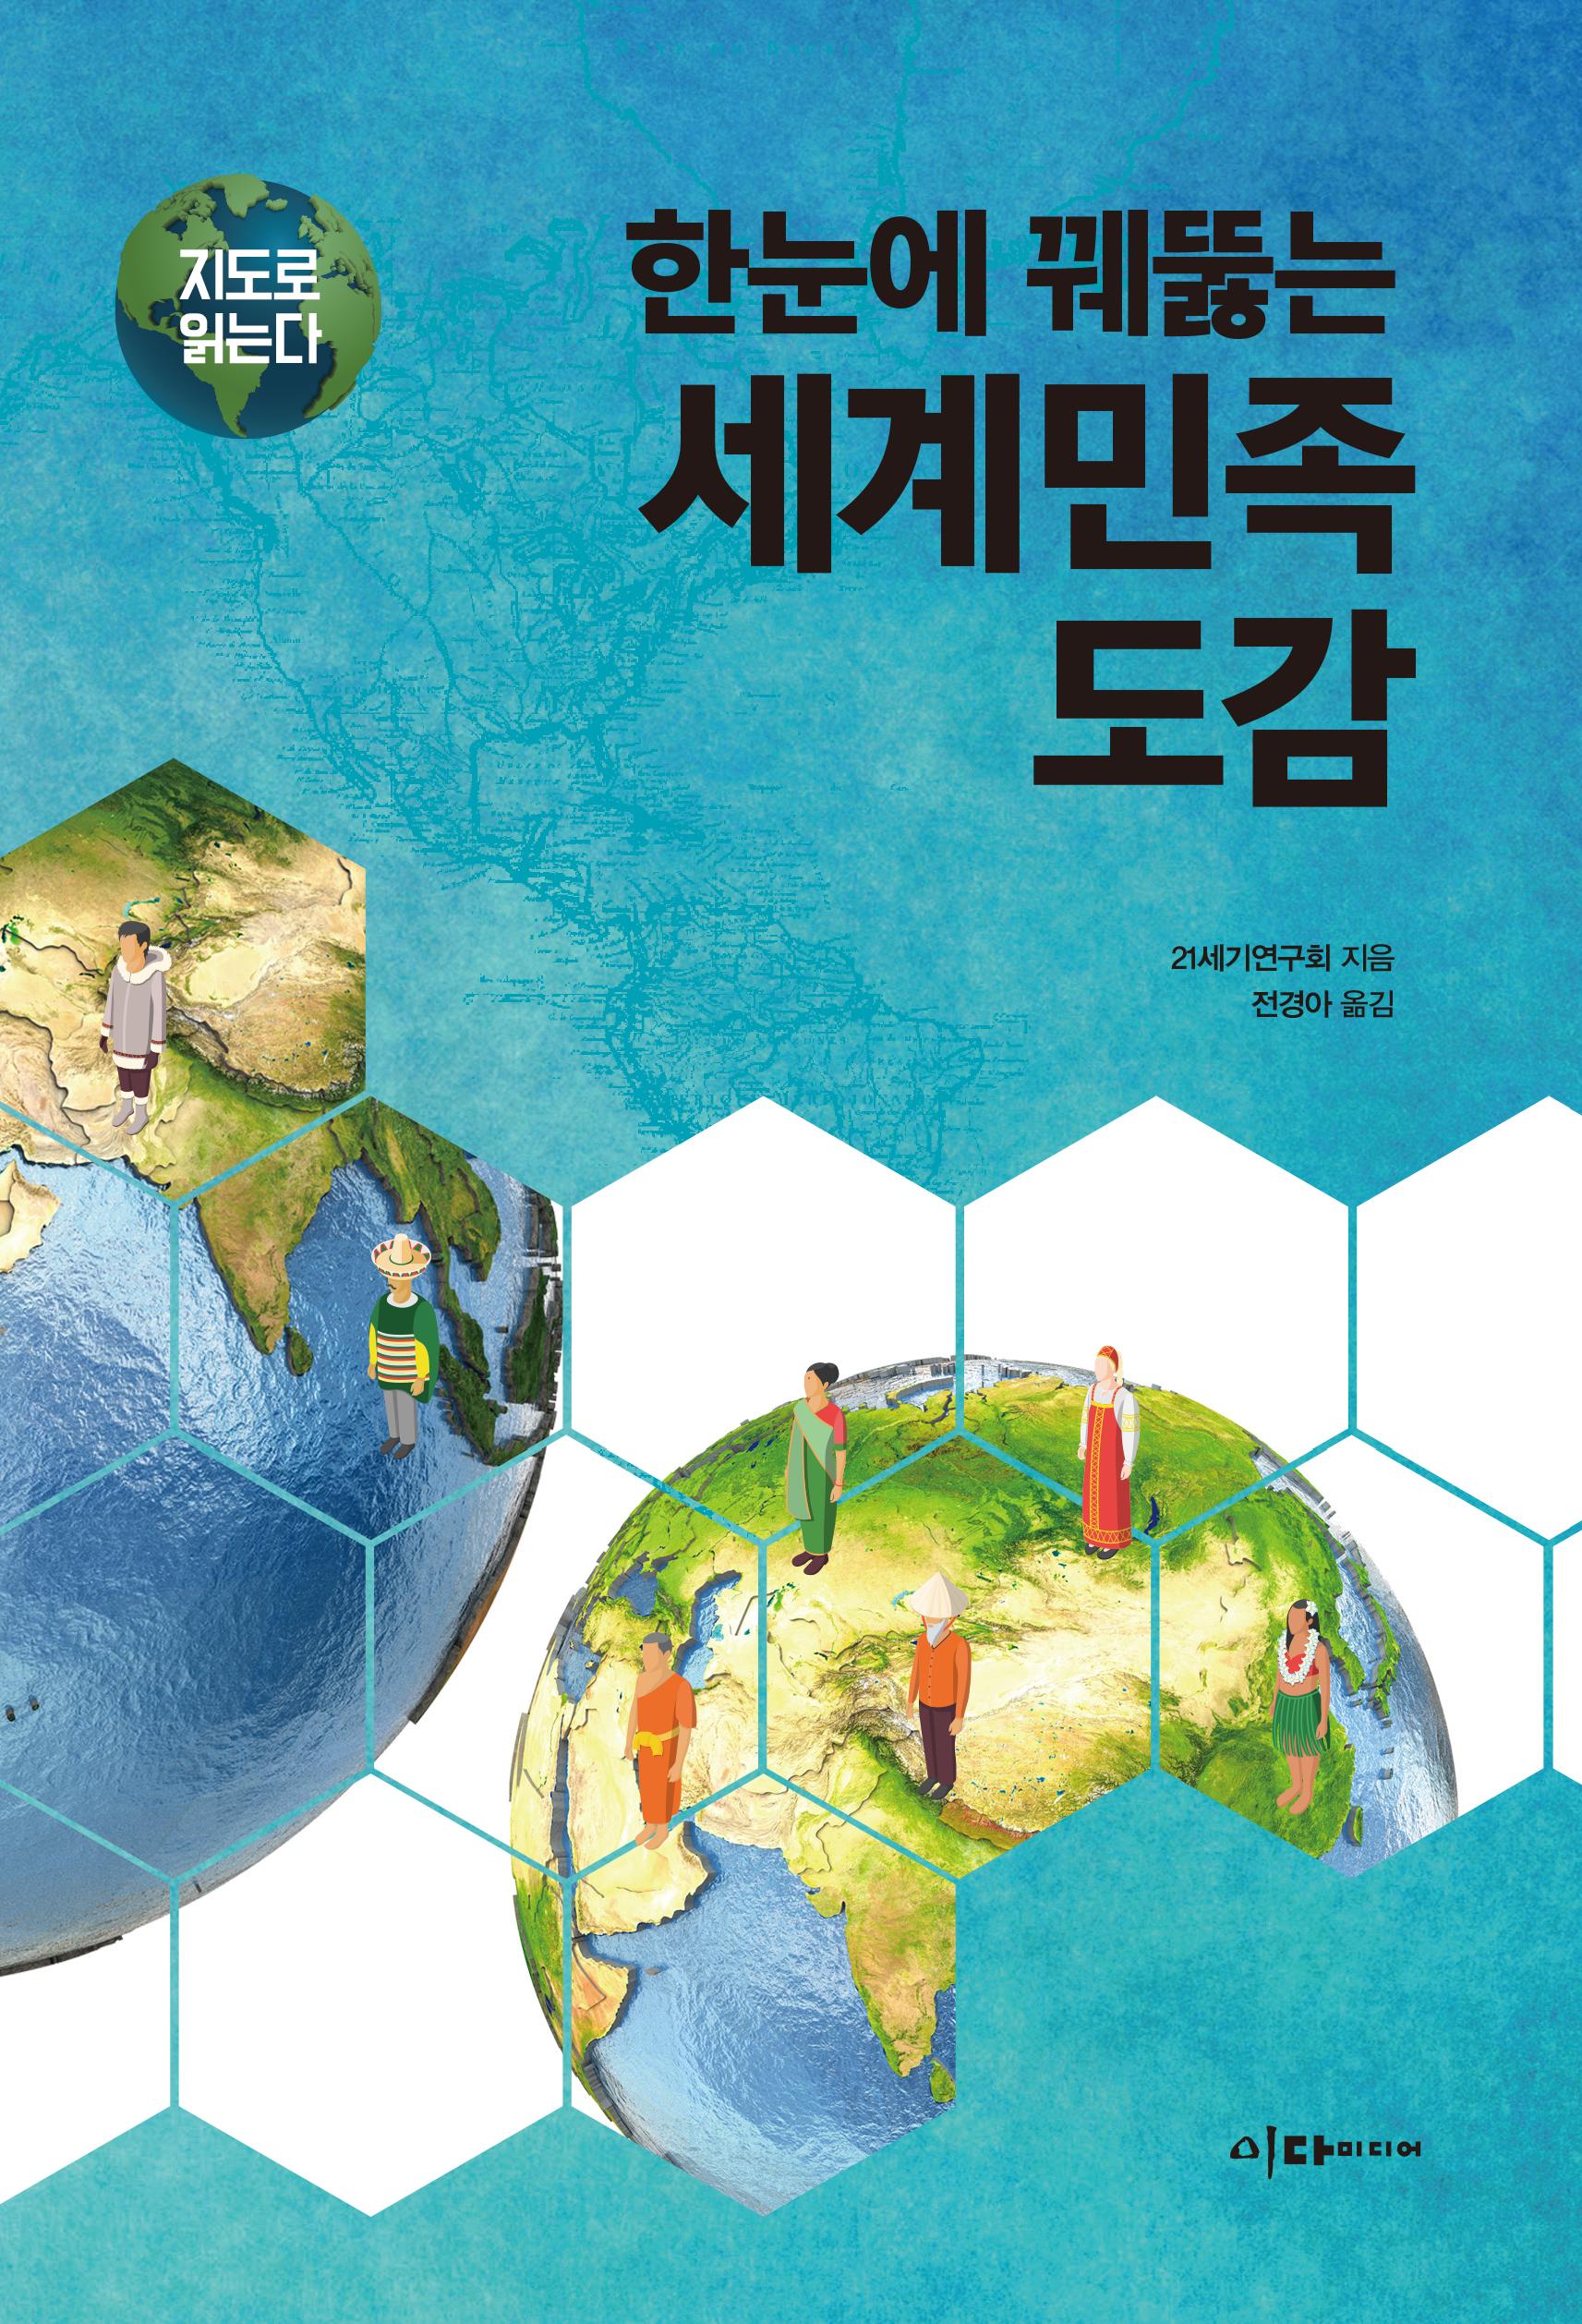 지도로 읽는다 한눈에 꿰뚫는 세계민족 도감